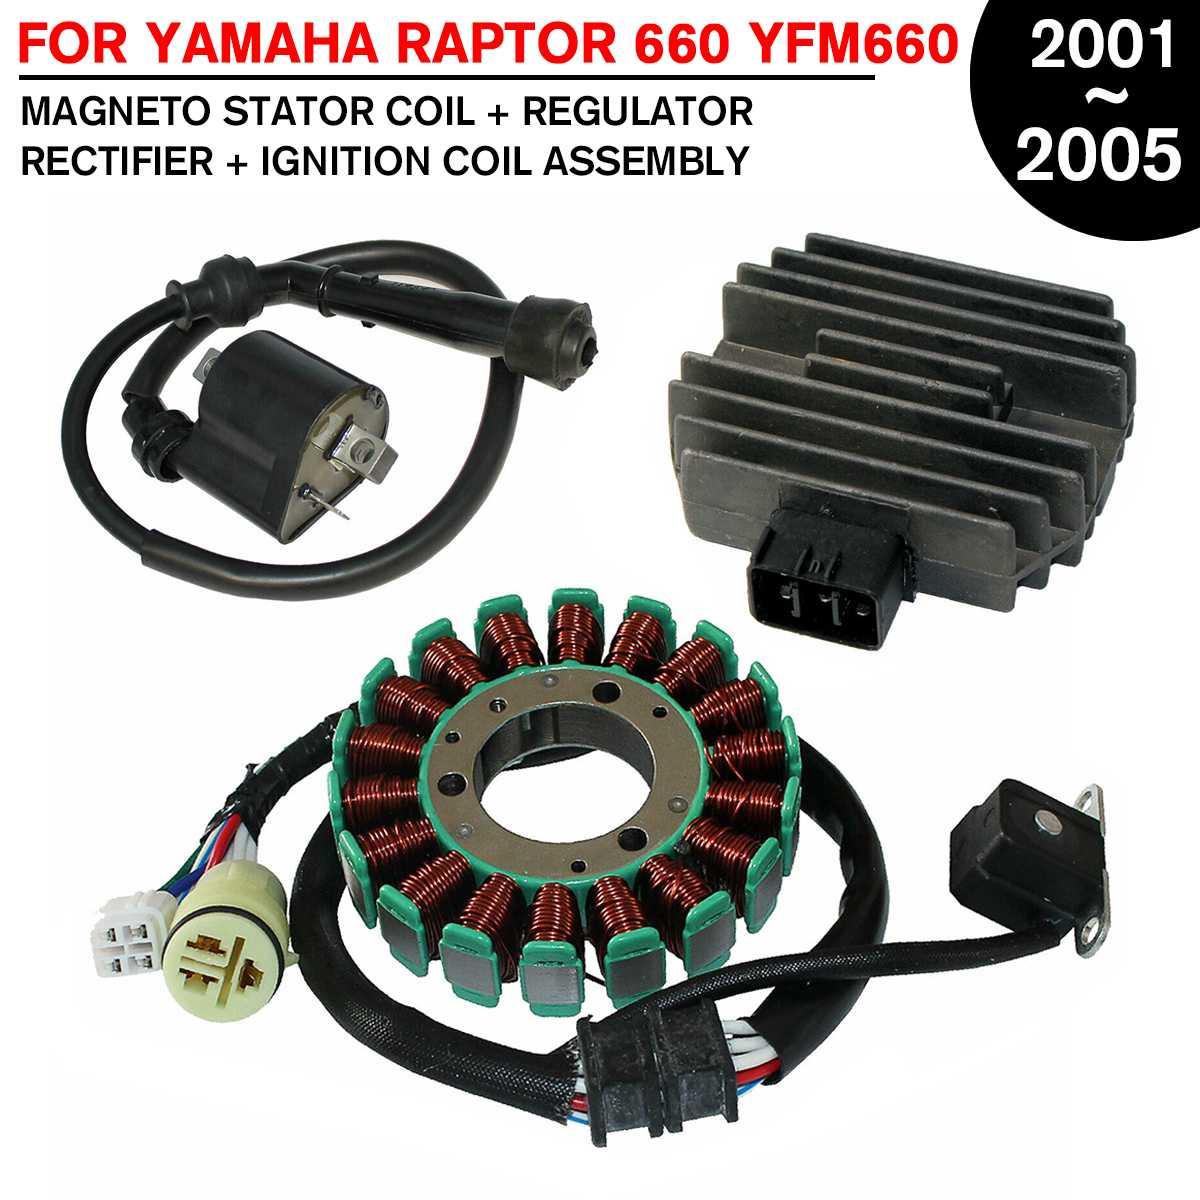 Магнитный статор мотоцикла Генератор + РЕГУЛЯТОР выпрямитель + Катушка зажигания для Yamaha ATV для RAPTOR 660 YFM660 2001 2005